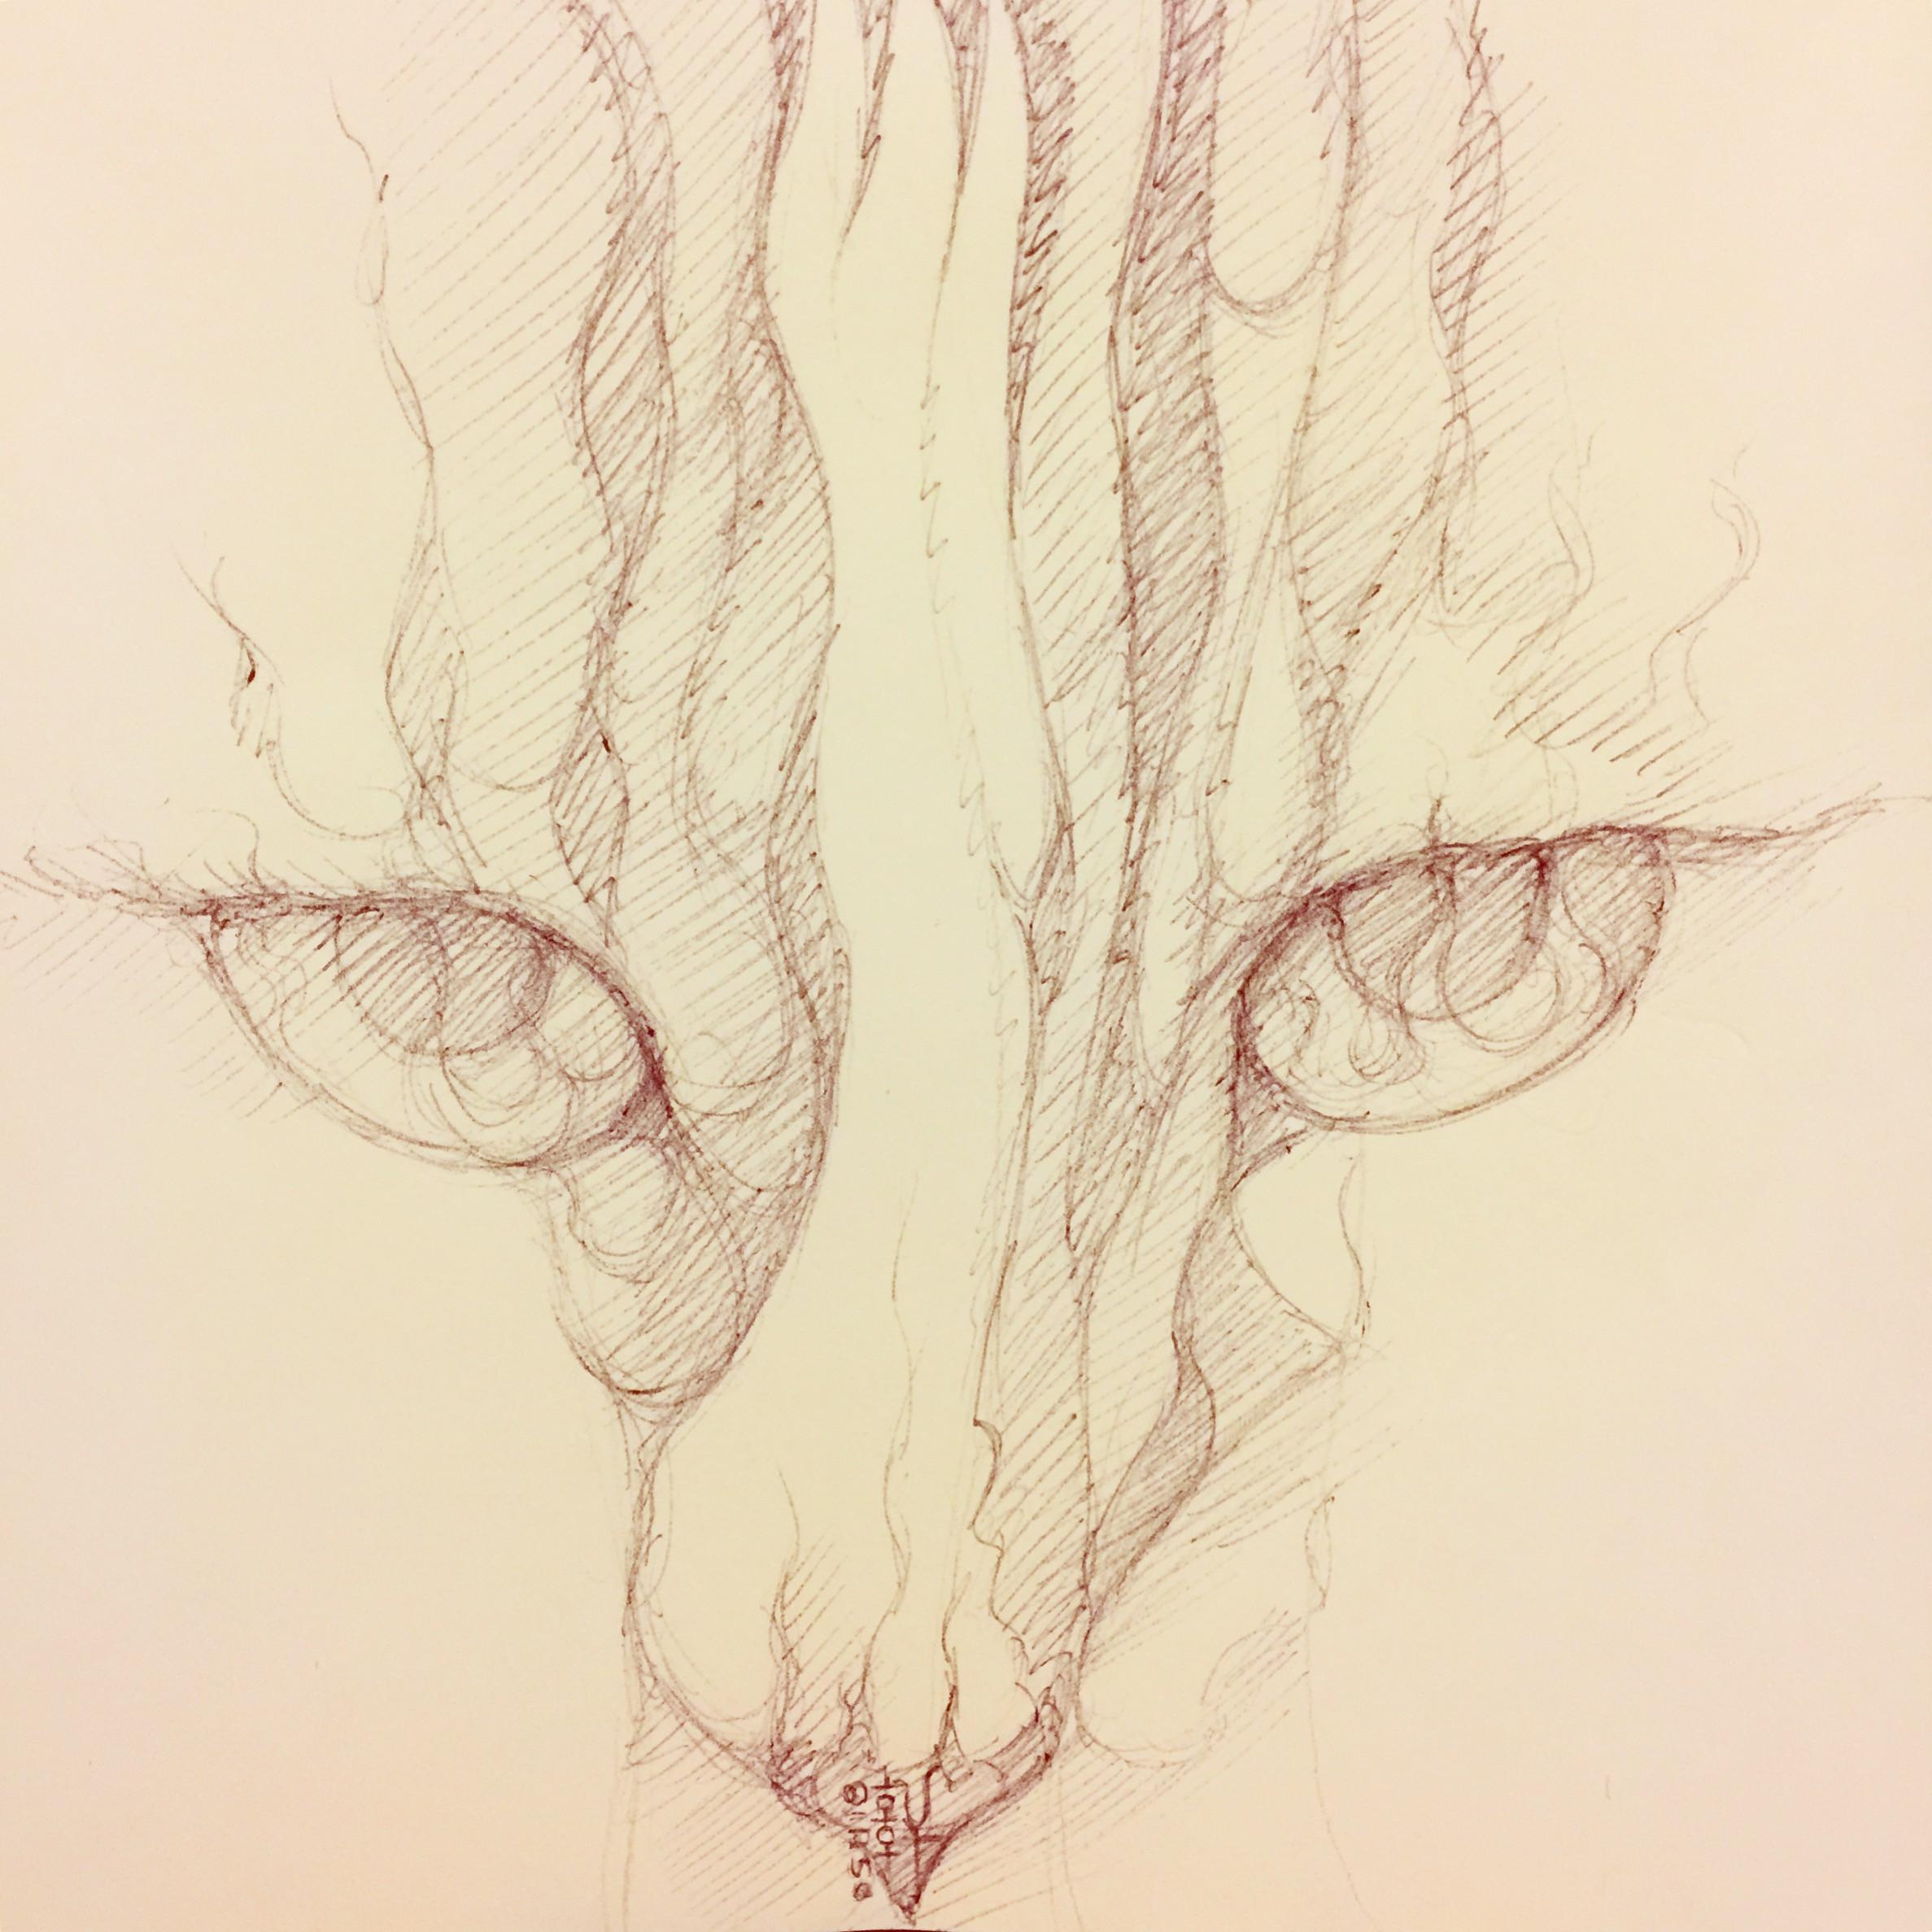 Day 05-11-18 - Fiery Vi